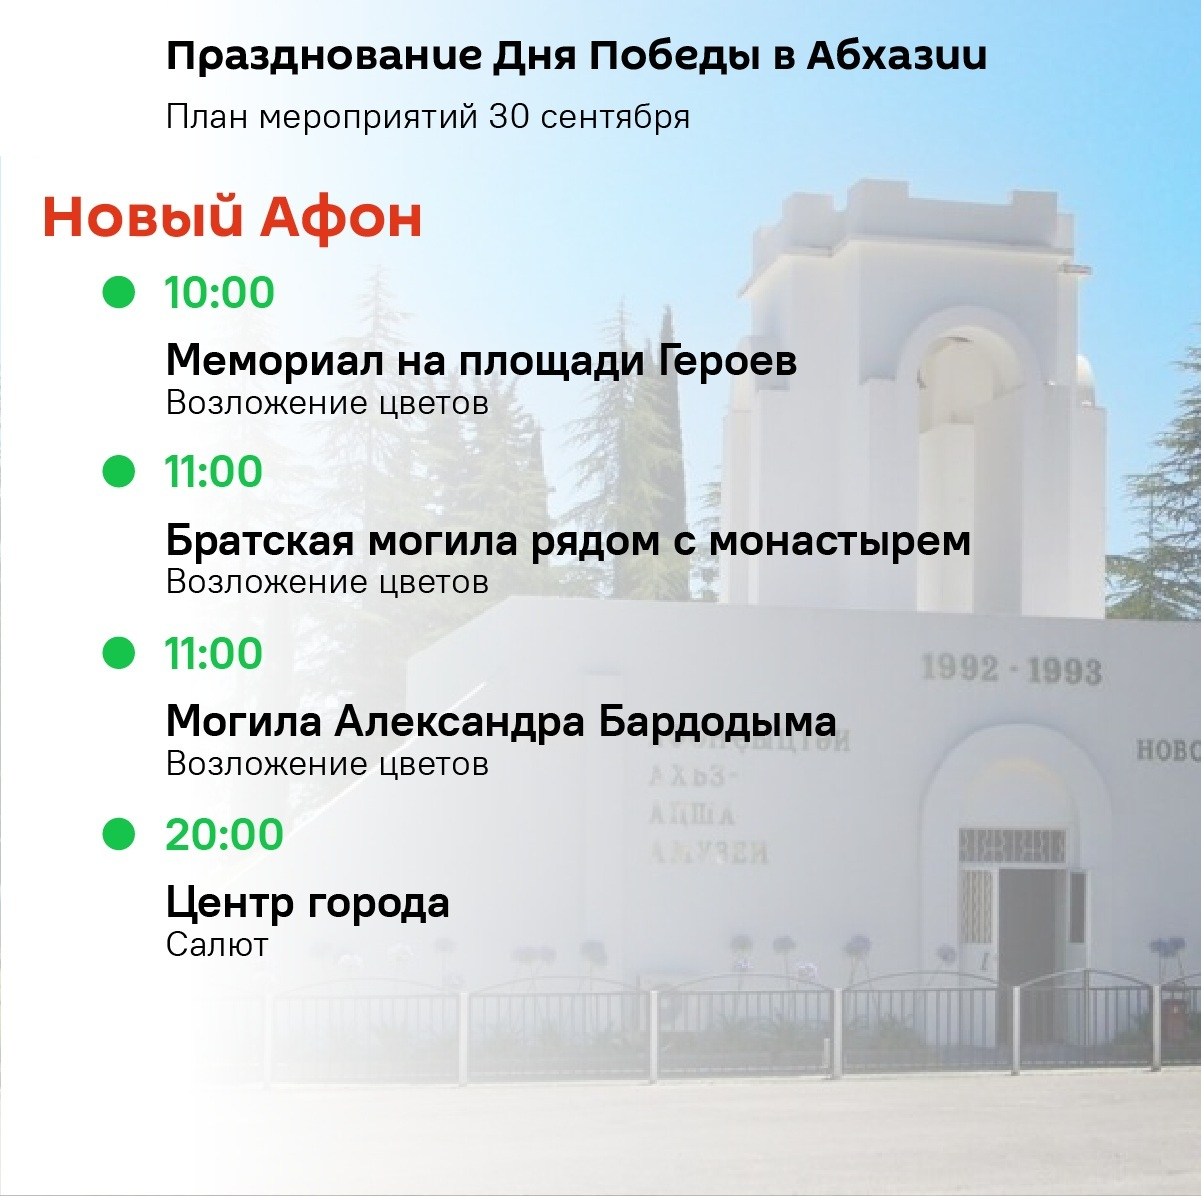 Как в 2021г. Абхазия отметит 28-ю годовщину Победы